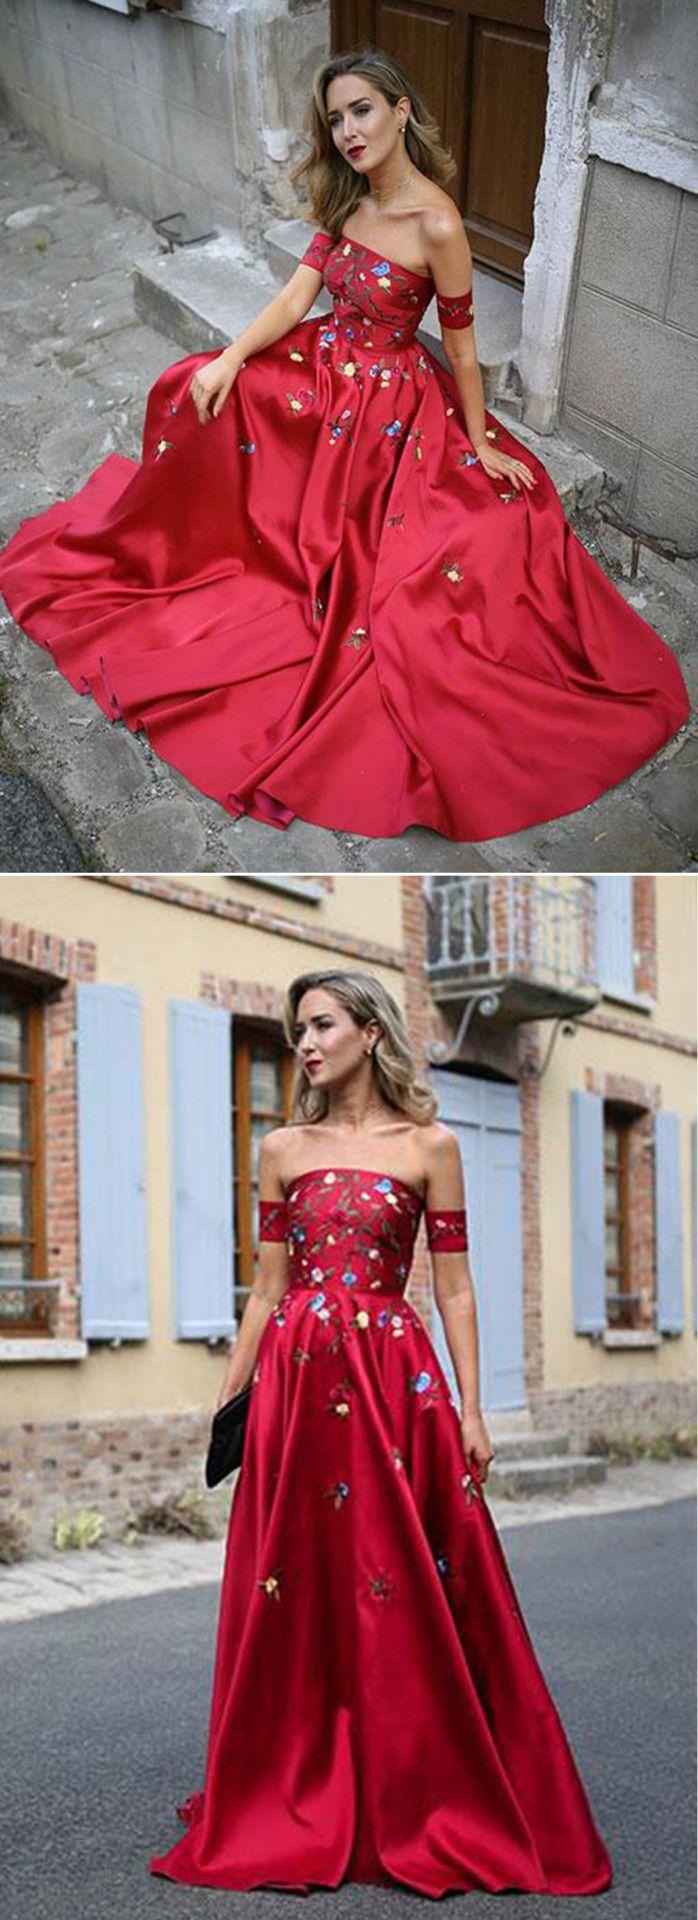 Elegant beaded red satin off shoulder dress Shop here